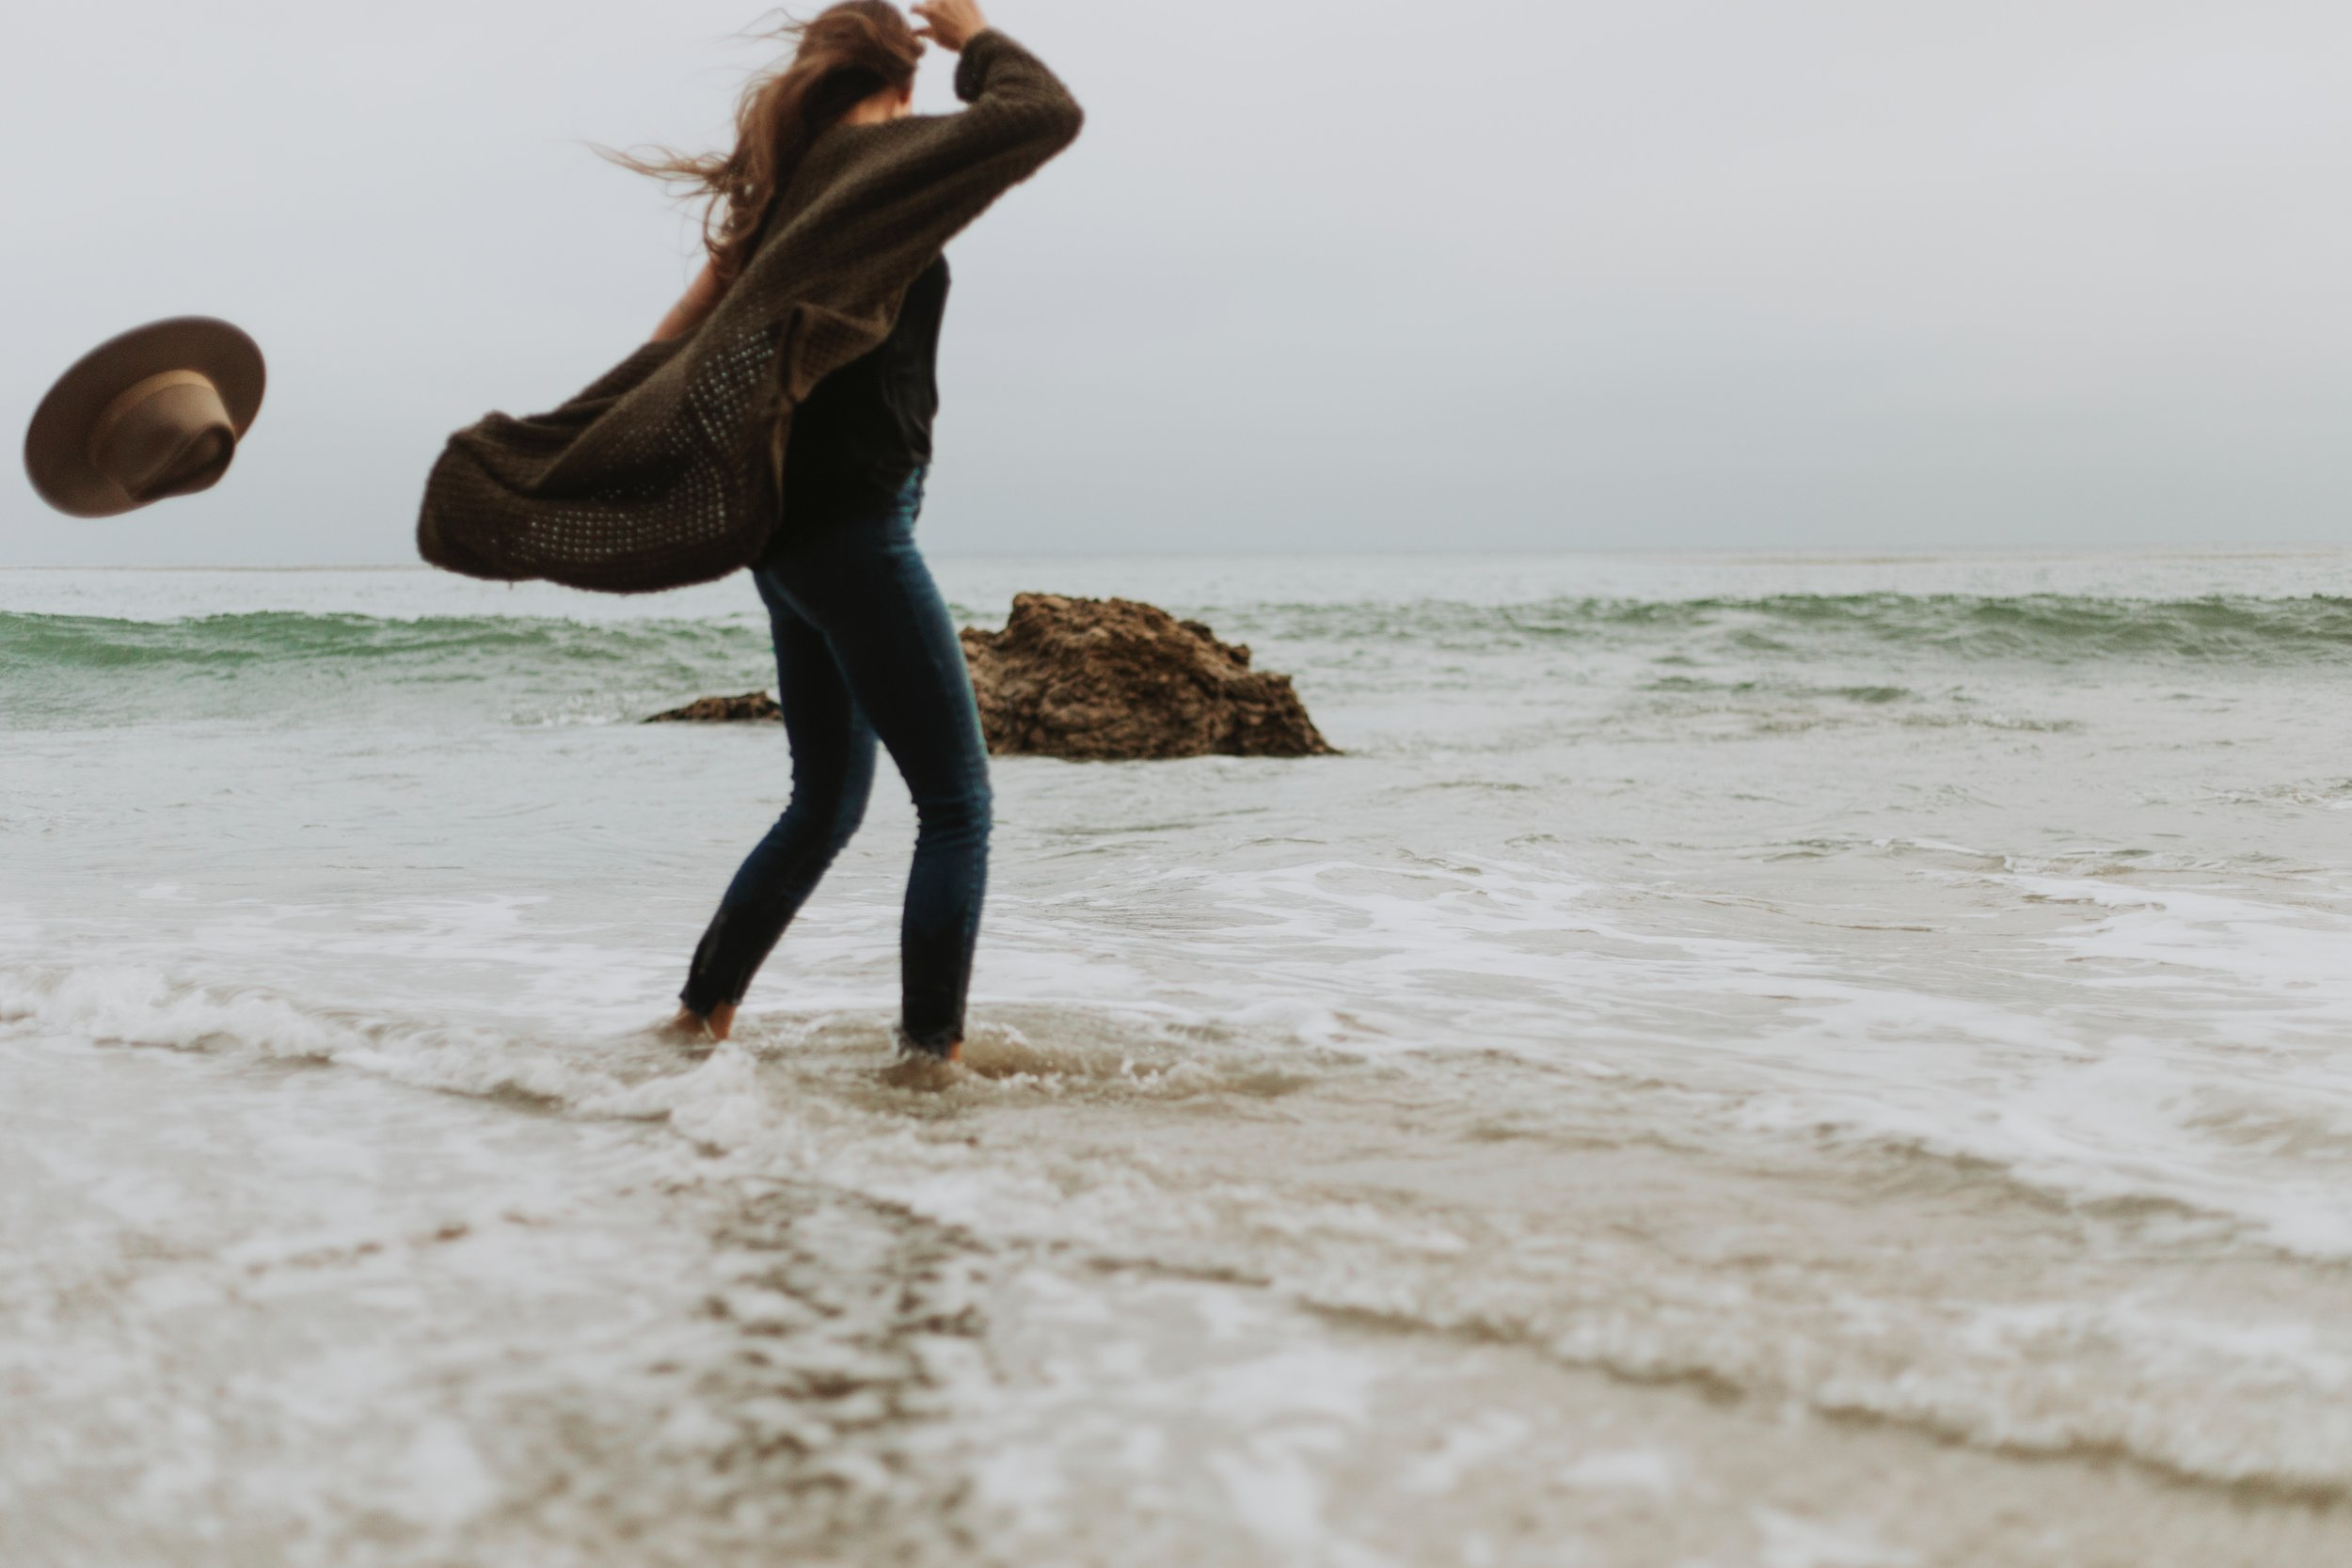 alone-beach-blond-hair-1574655.jpg